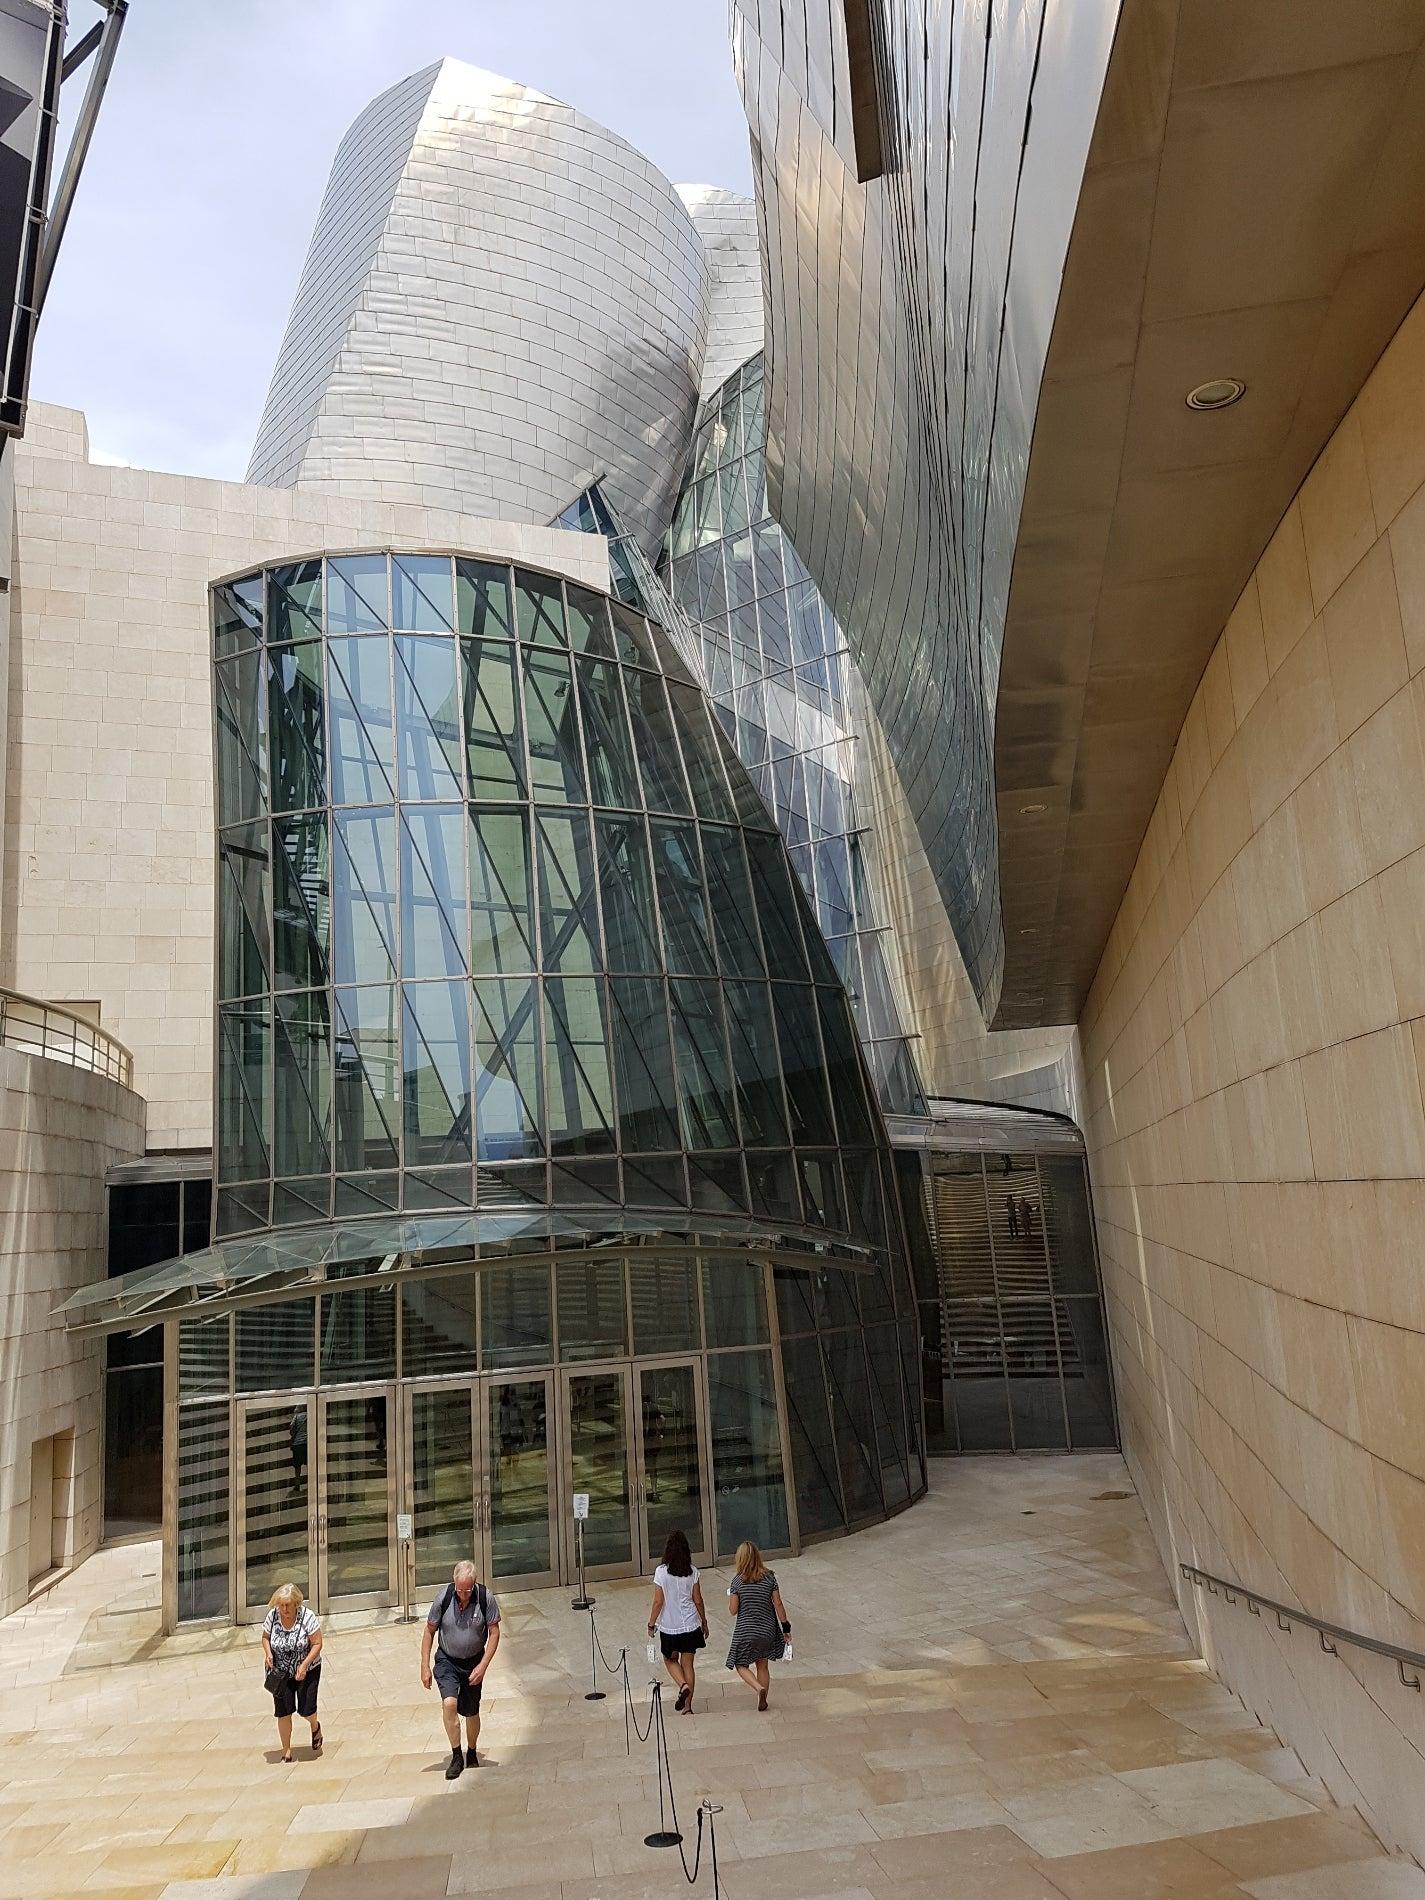 Guggenheim Museum (Museo Guggenheim)